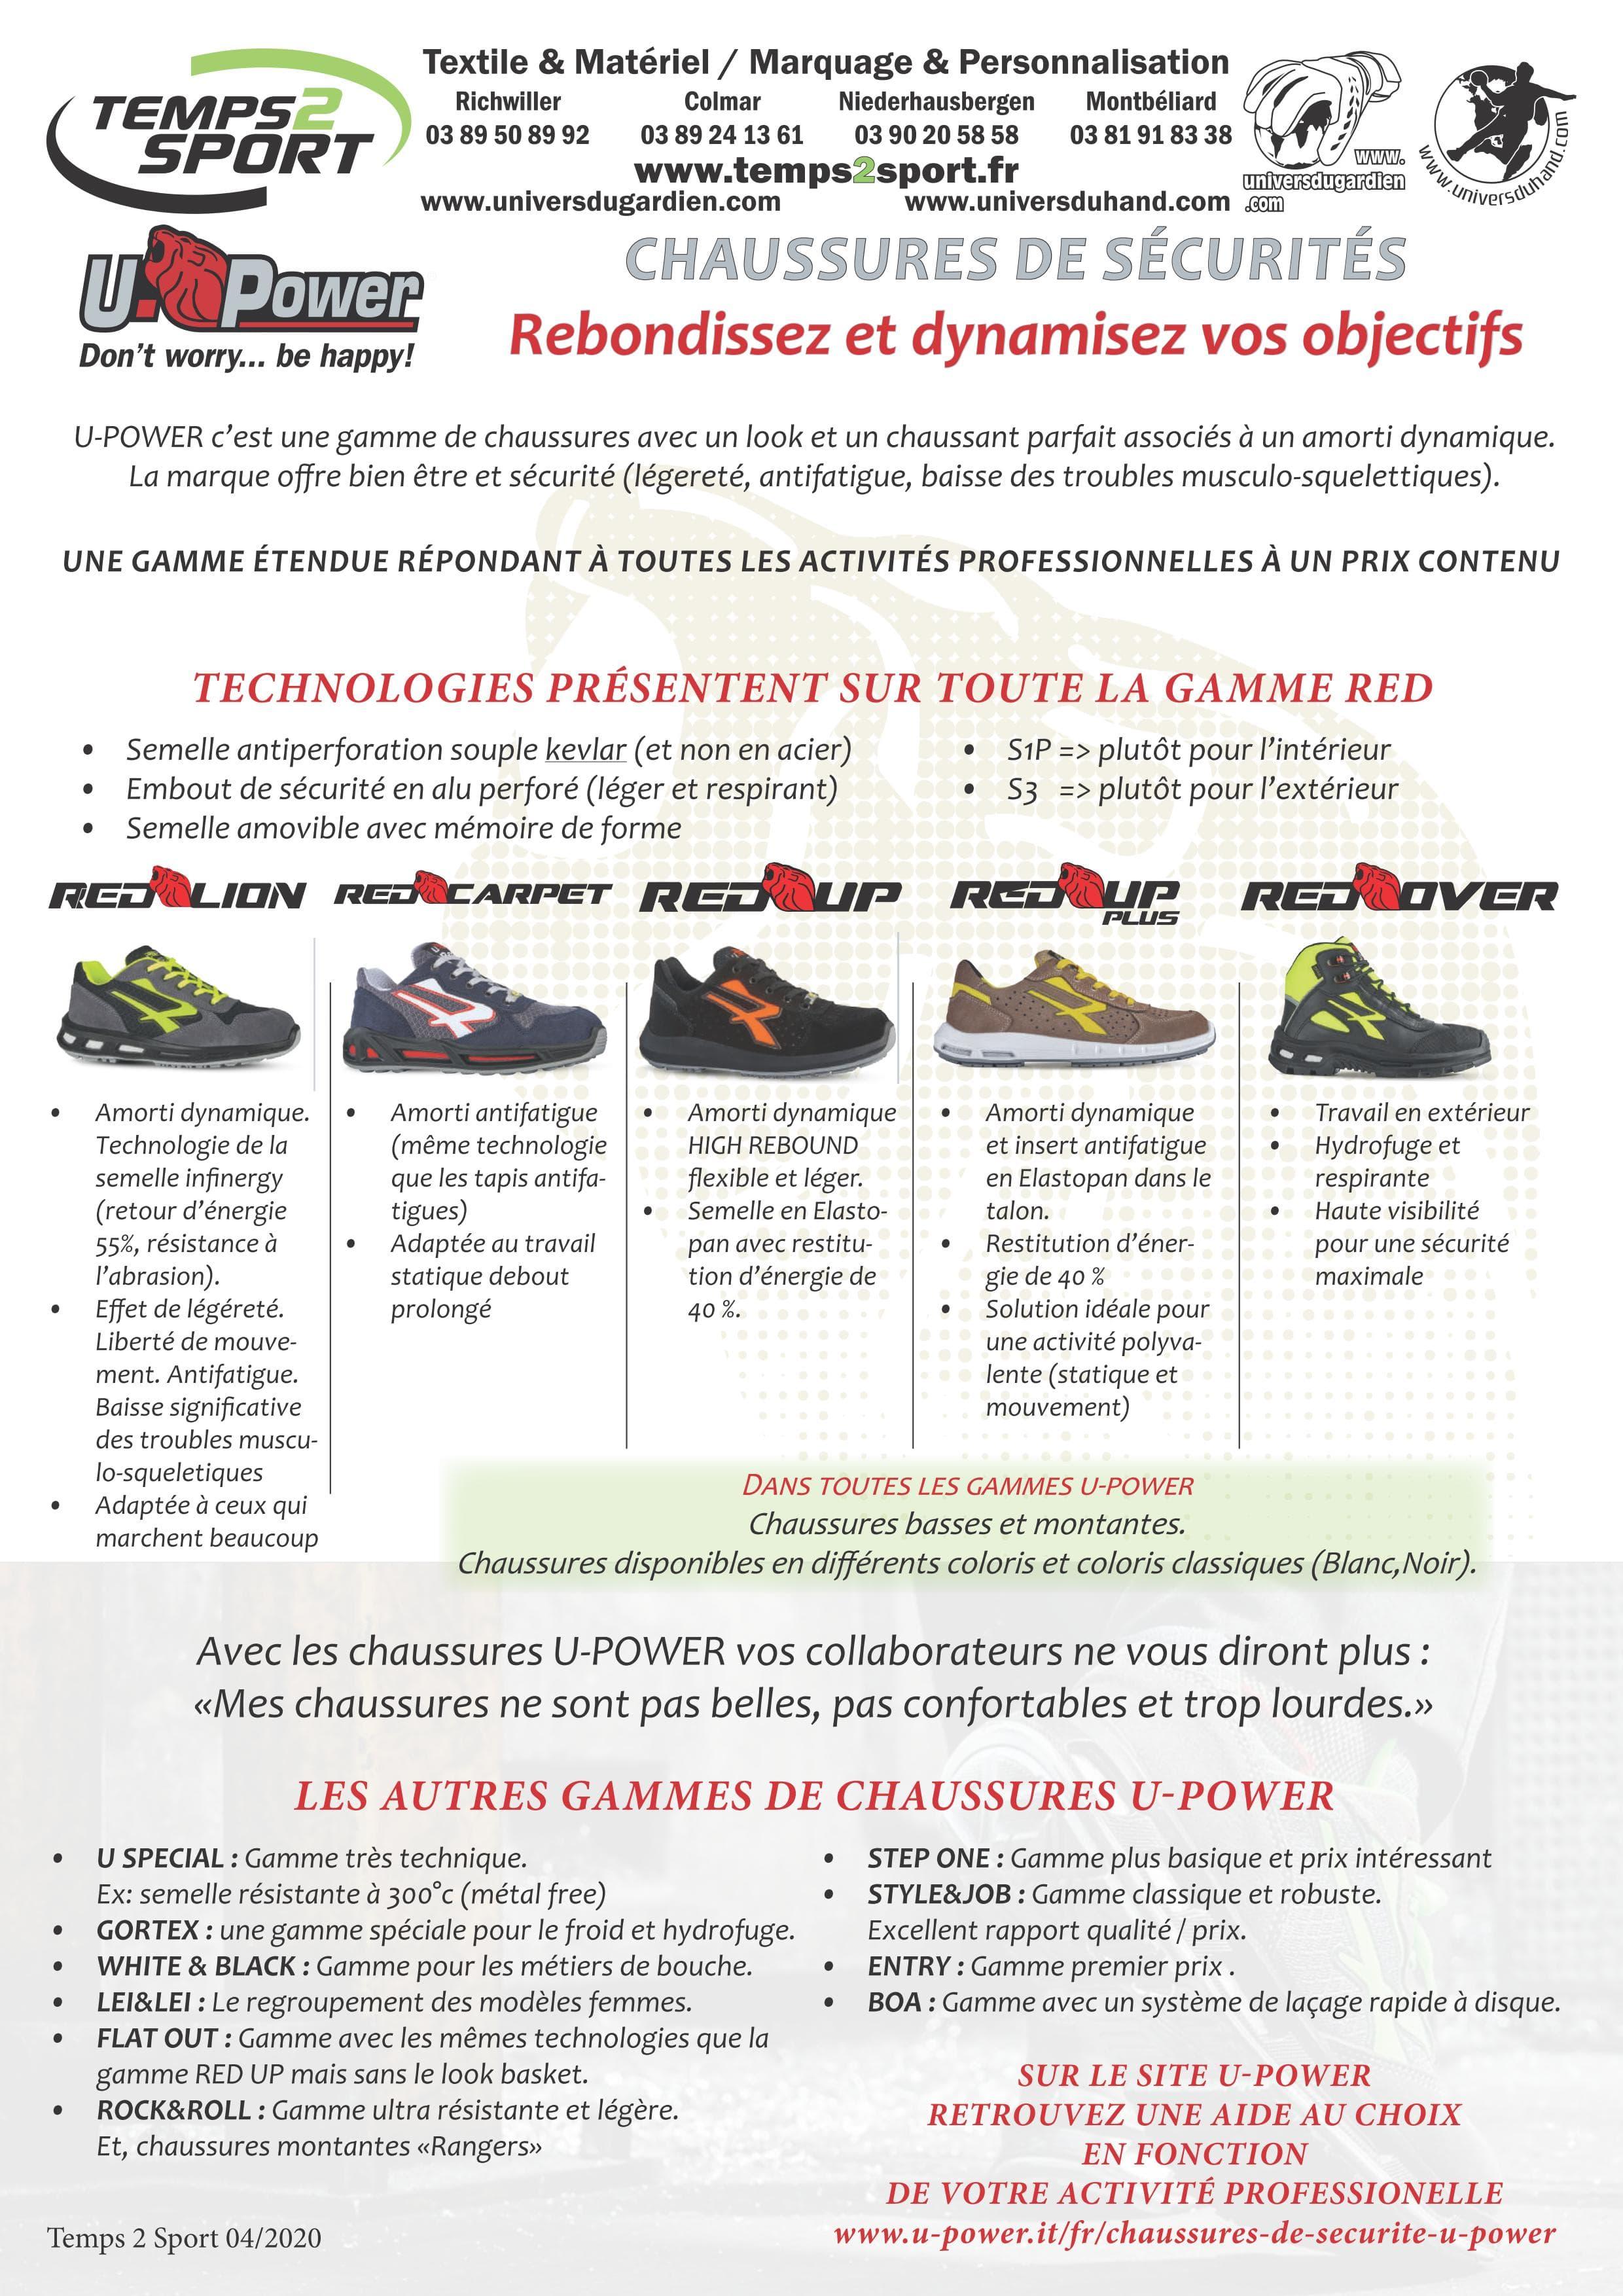 News Colmar Archives Temps 2 Sport Votre Partenaire Sportif